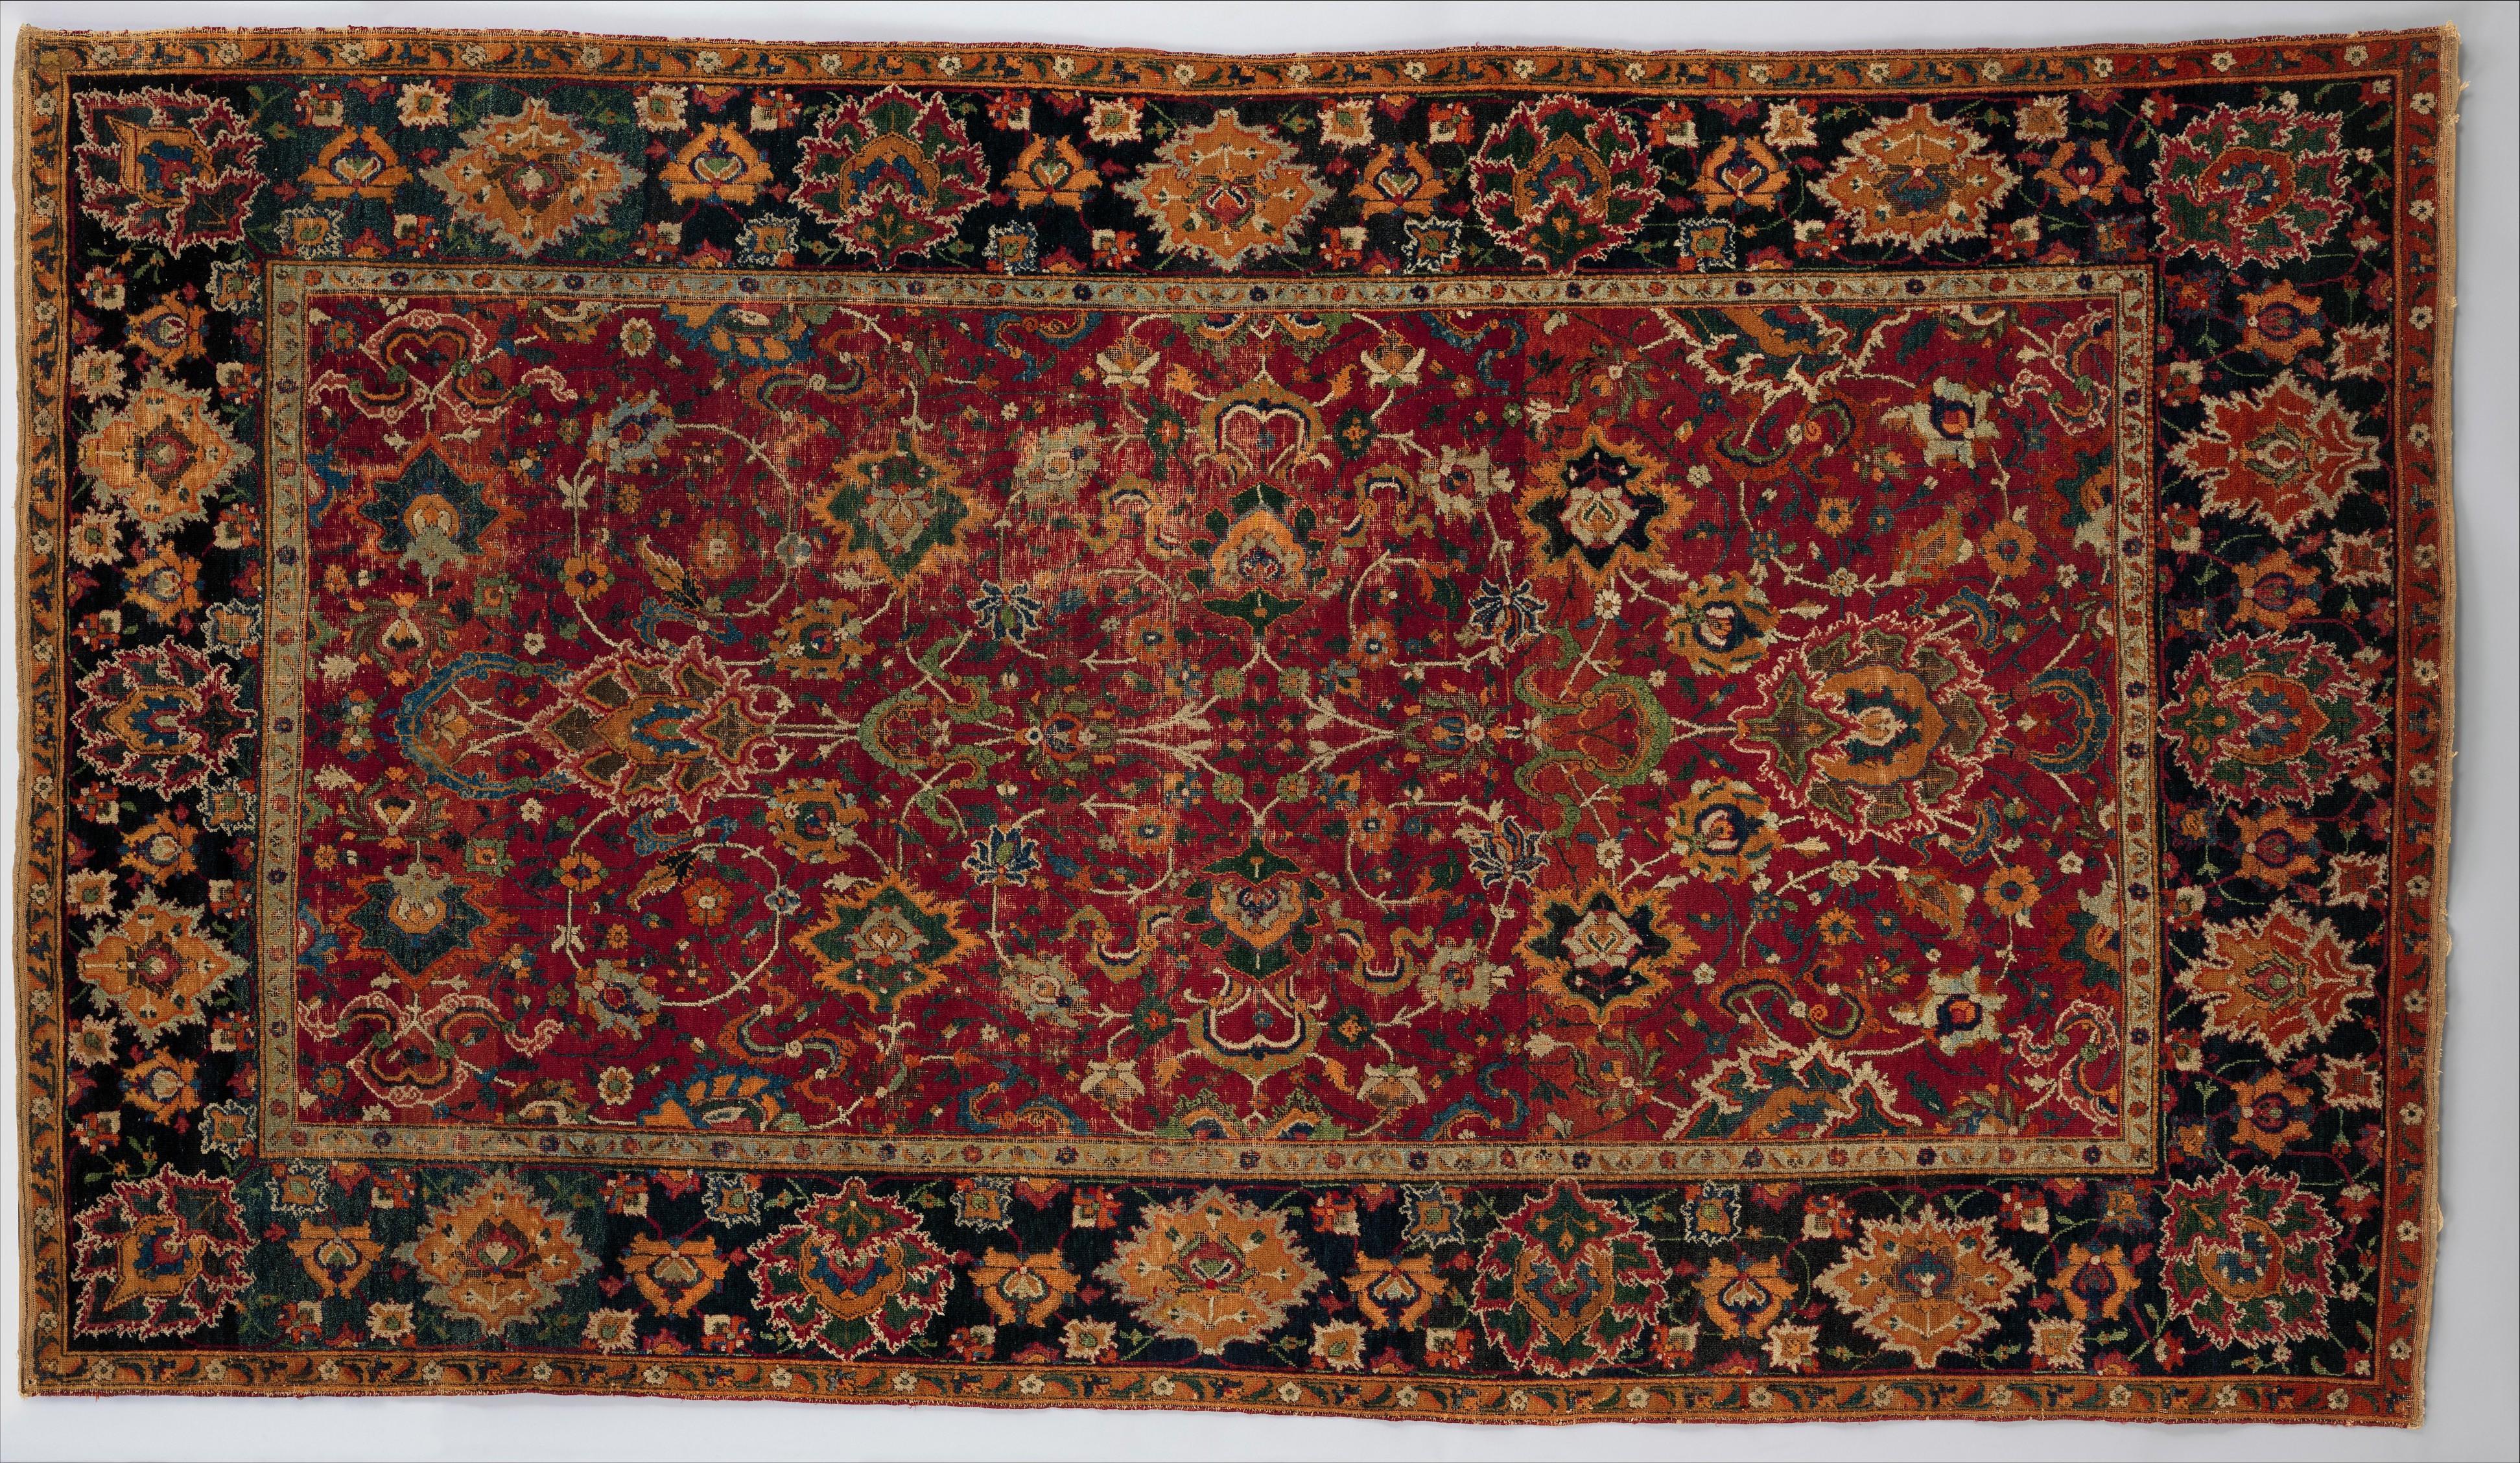 Tapis à fleurs et bande de nuages, XVIIe siècle. Soie, laine et nouage asymétrique © MET Museum.